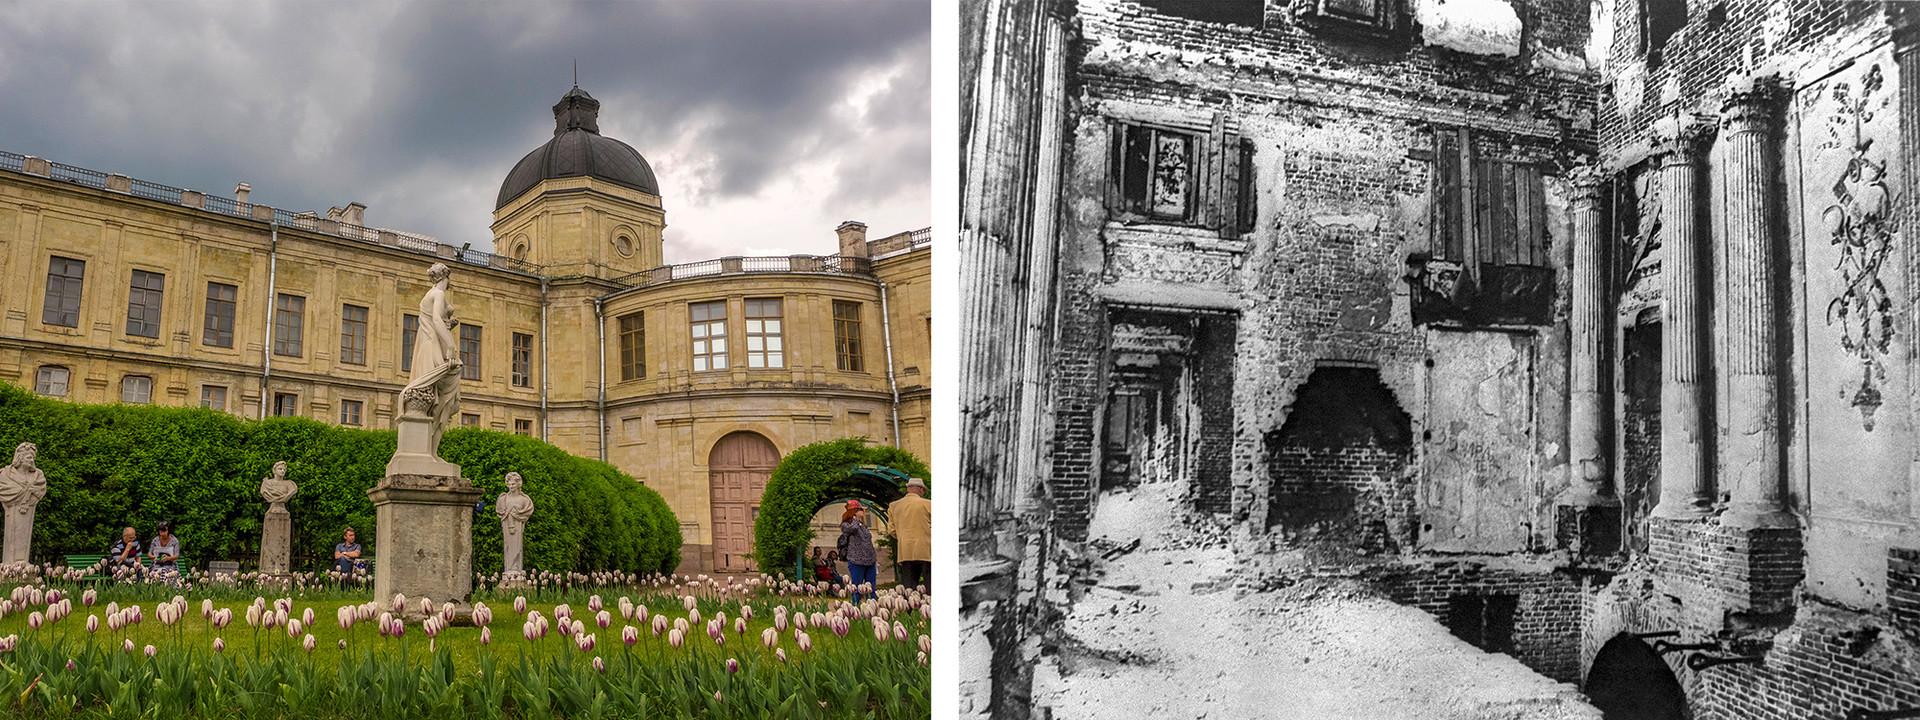 右:ガッチナの大宮殿。左:1944 年。ドイツ軍によって崩壊されたガッチナ宮殿の大理石の食堂。